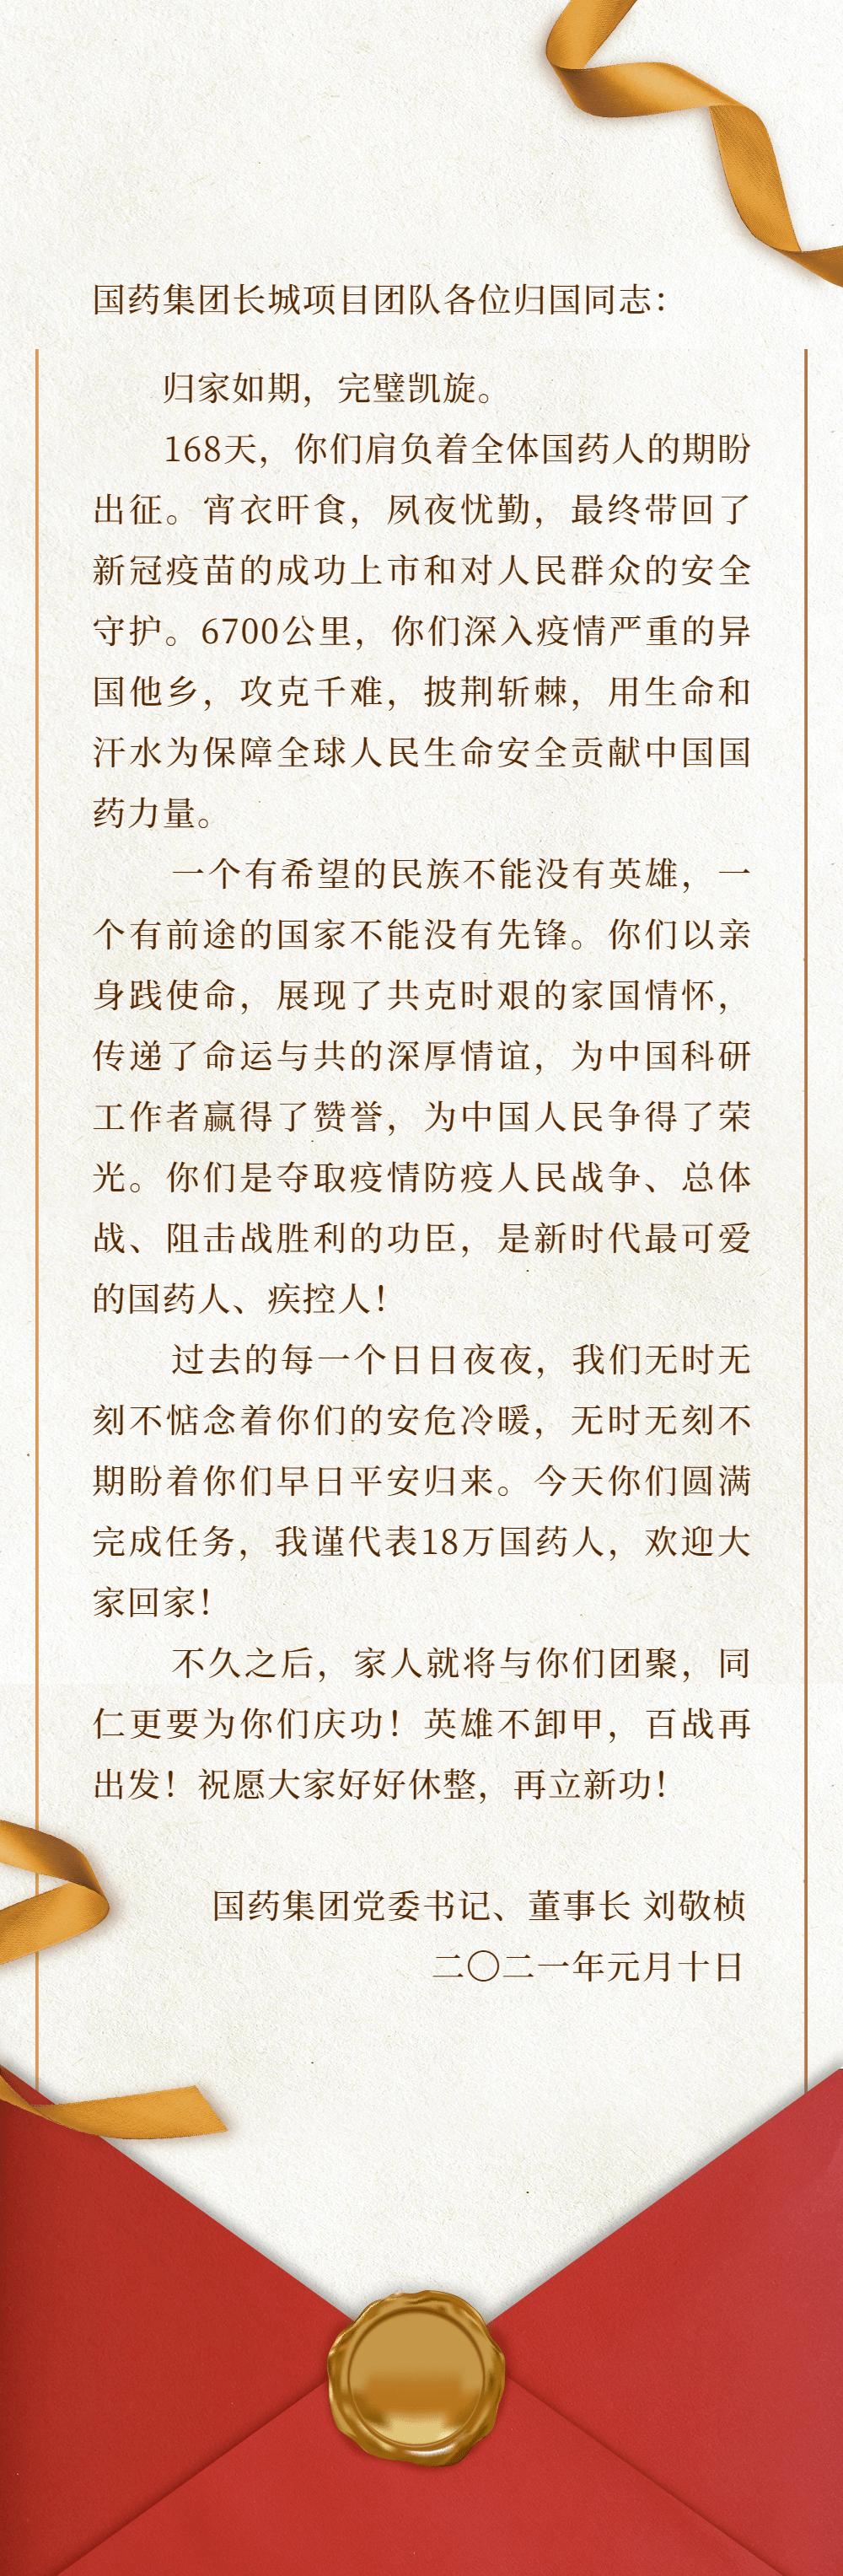 186天!中国新冠疫苗Ⅲ期临床英雄凯旋!